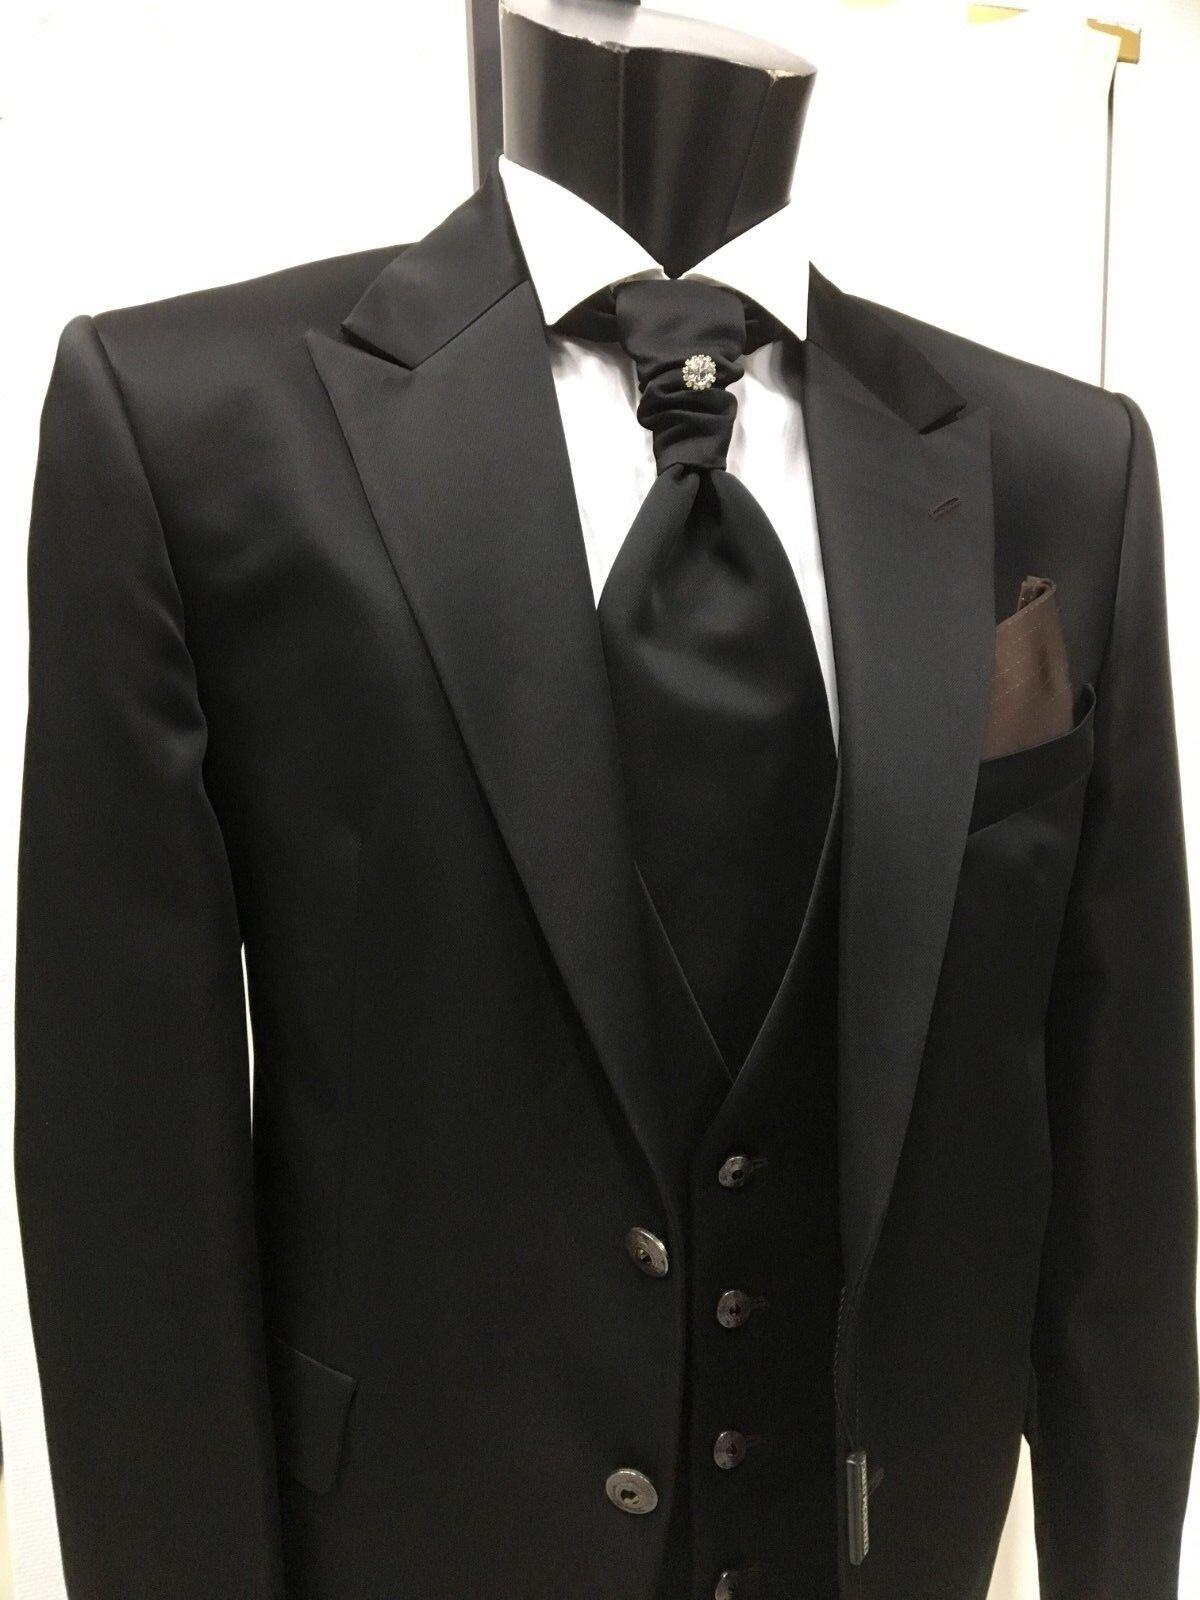 Kleid Bräutigam T.50 Unterzeichnet Carlo Pignatelli Suit Groom Hochzeit Italian Verkaufspreis Anzüge Kleidung & Accessoires